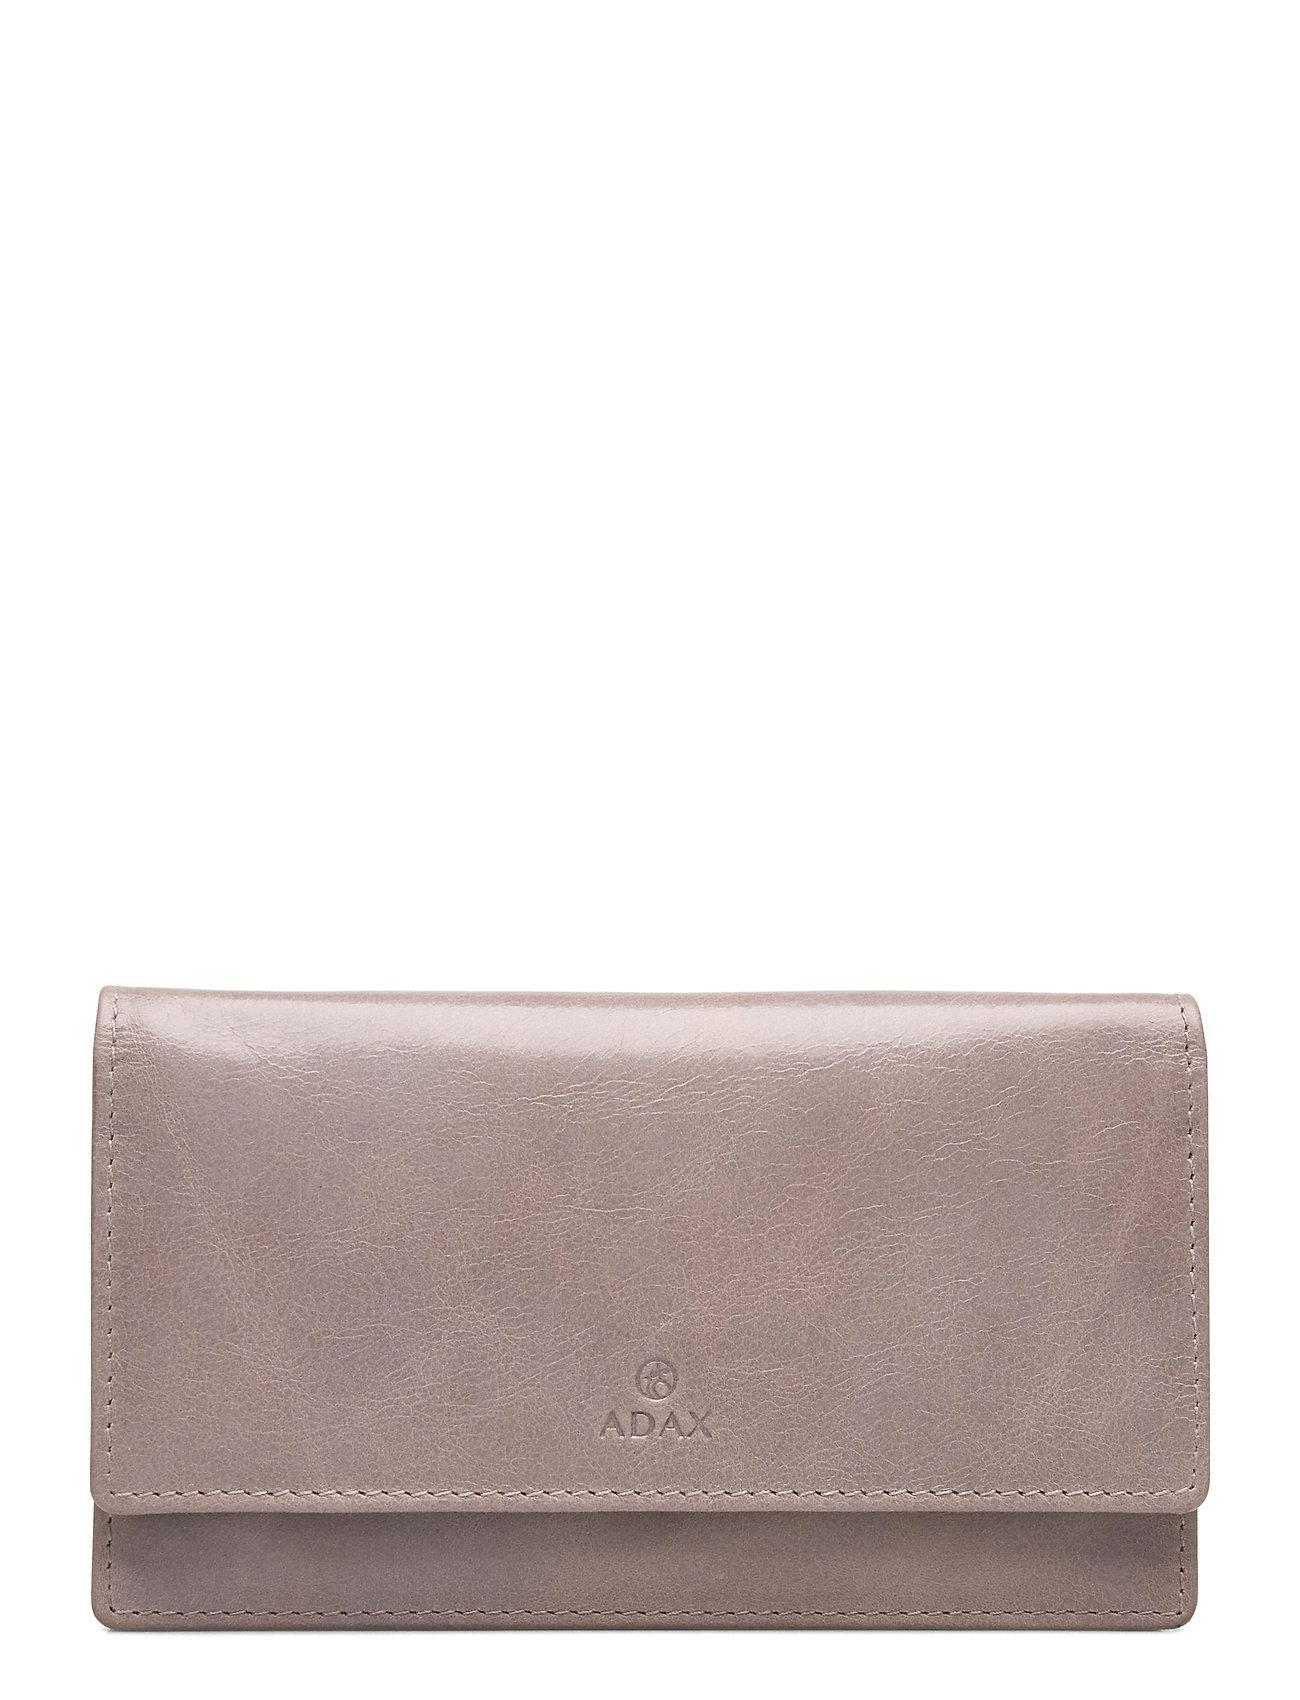 Adax Salerno wallet Nete - CEMENT